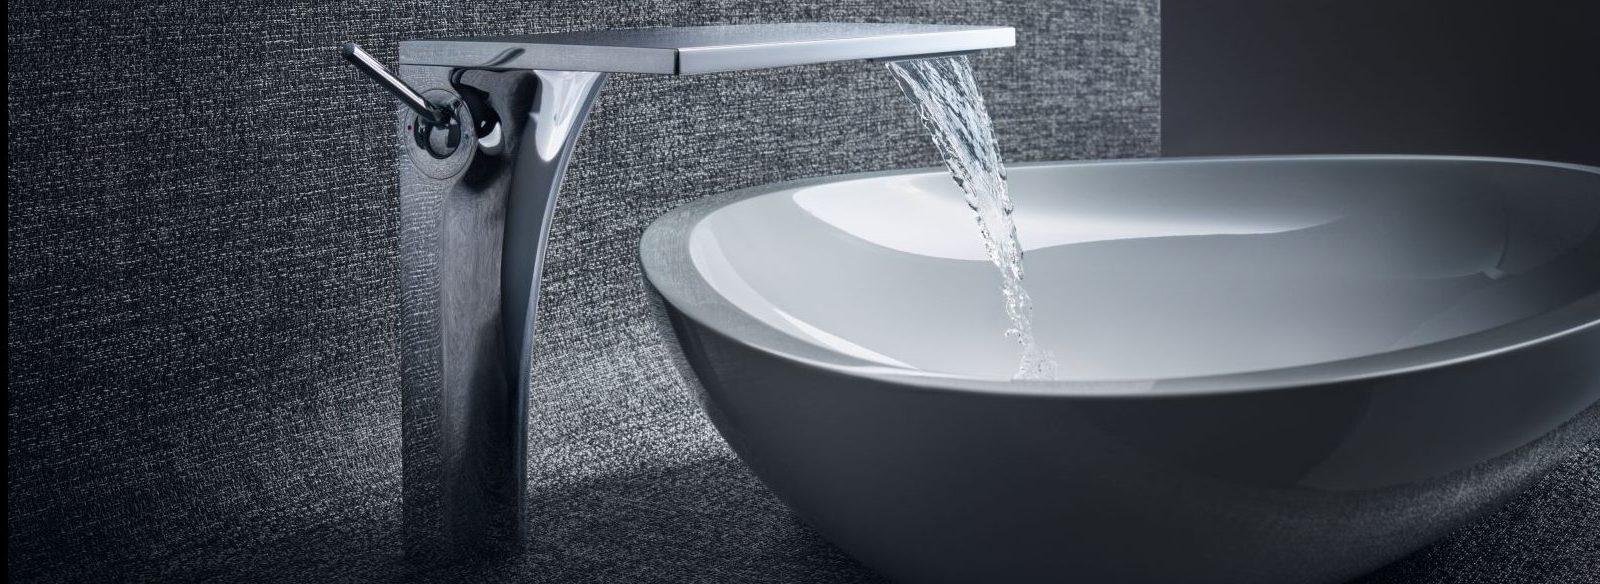 Designarmatur mit Abdeckung aus Zinkdruckguss aus der Wasser ins Waschbecken läuft